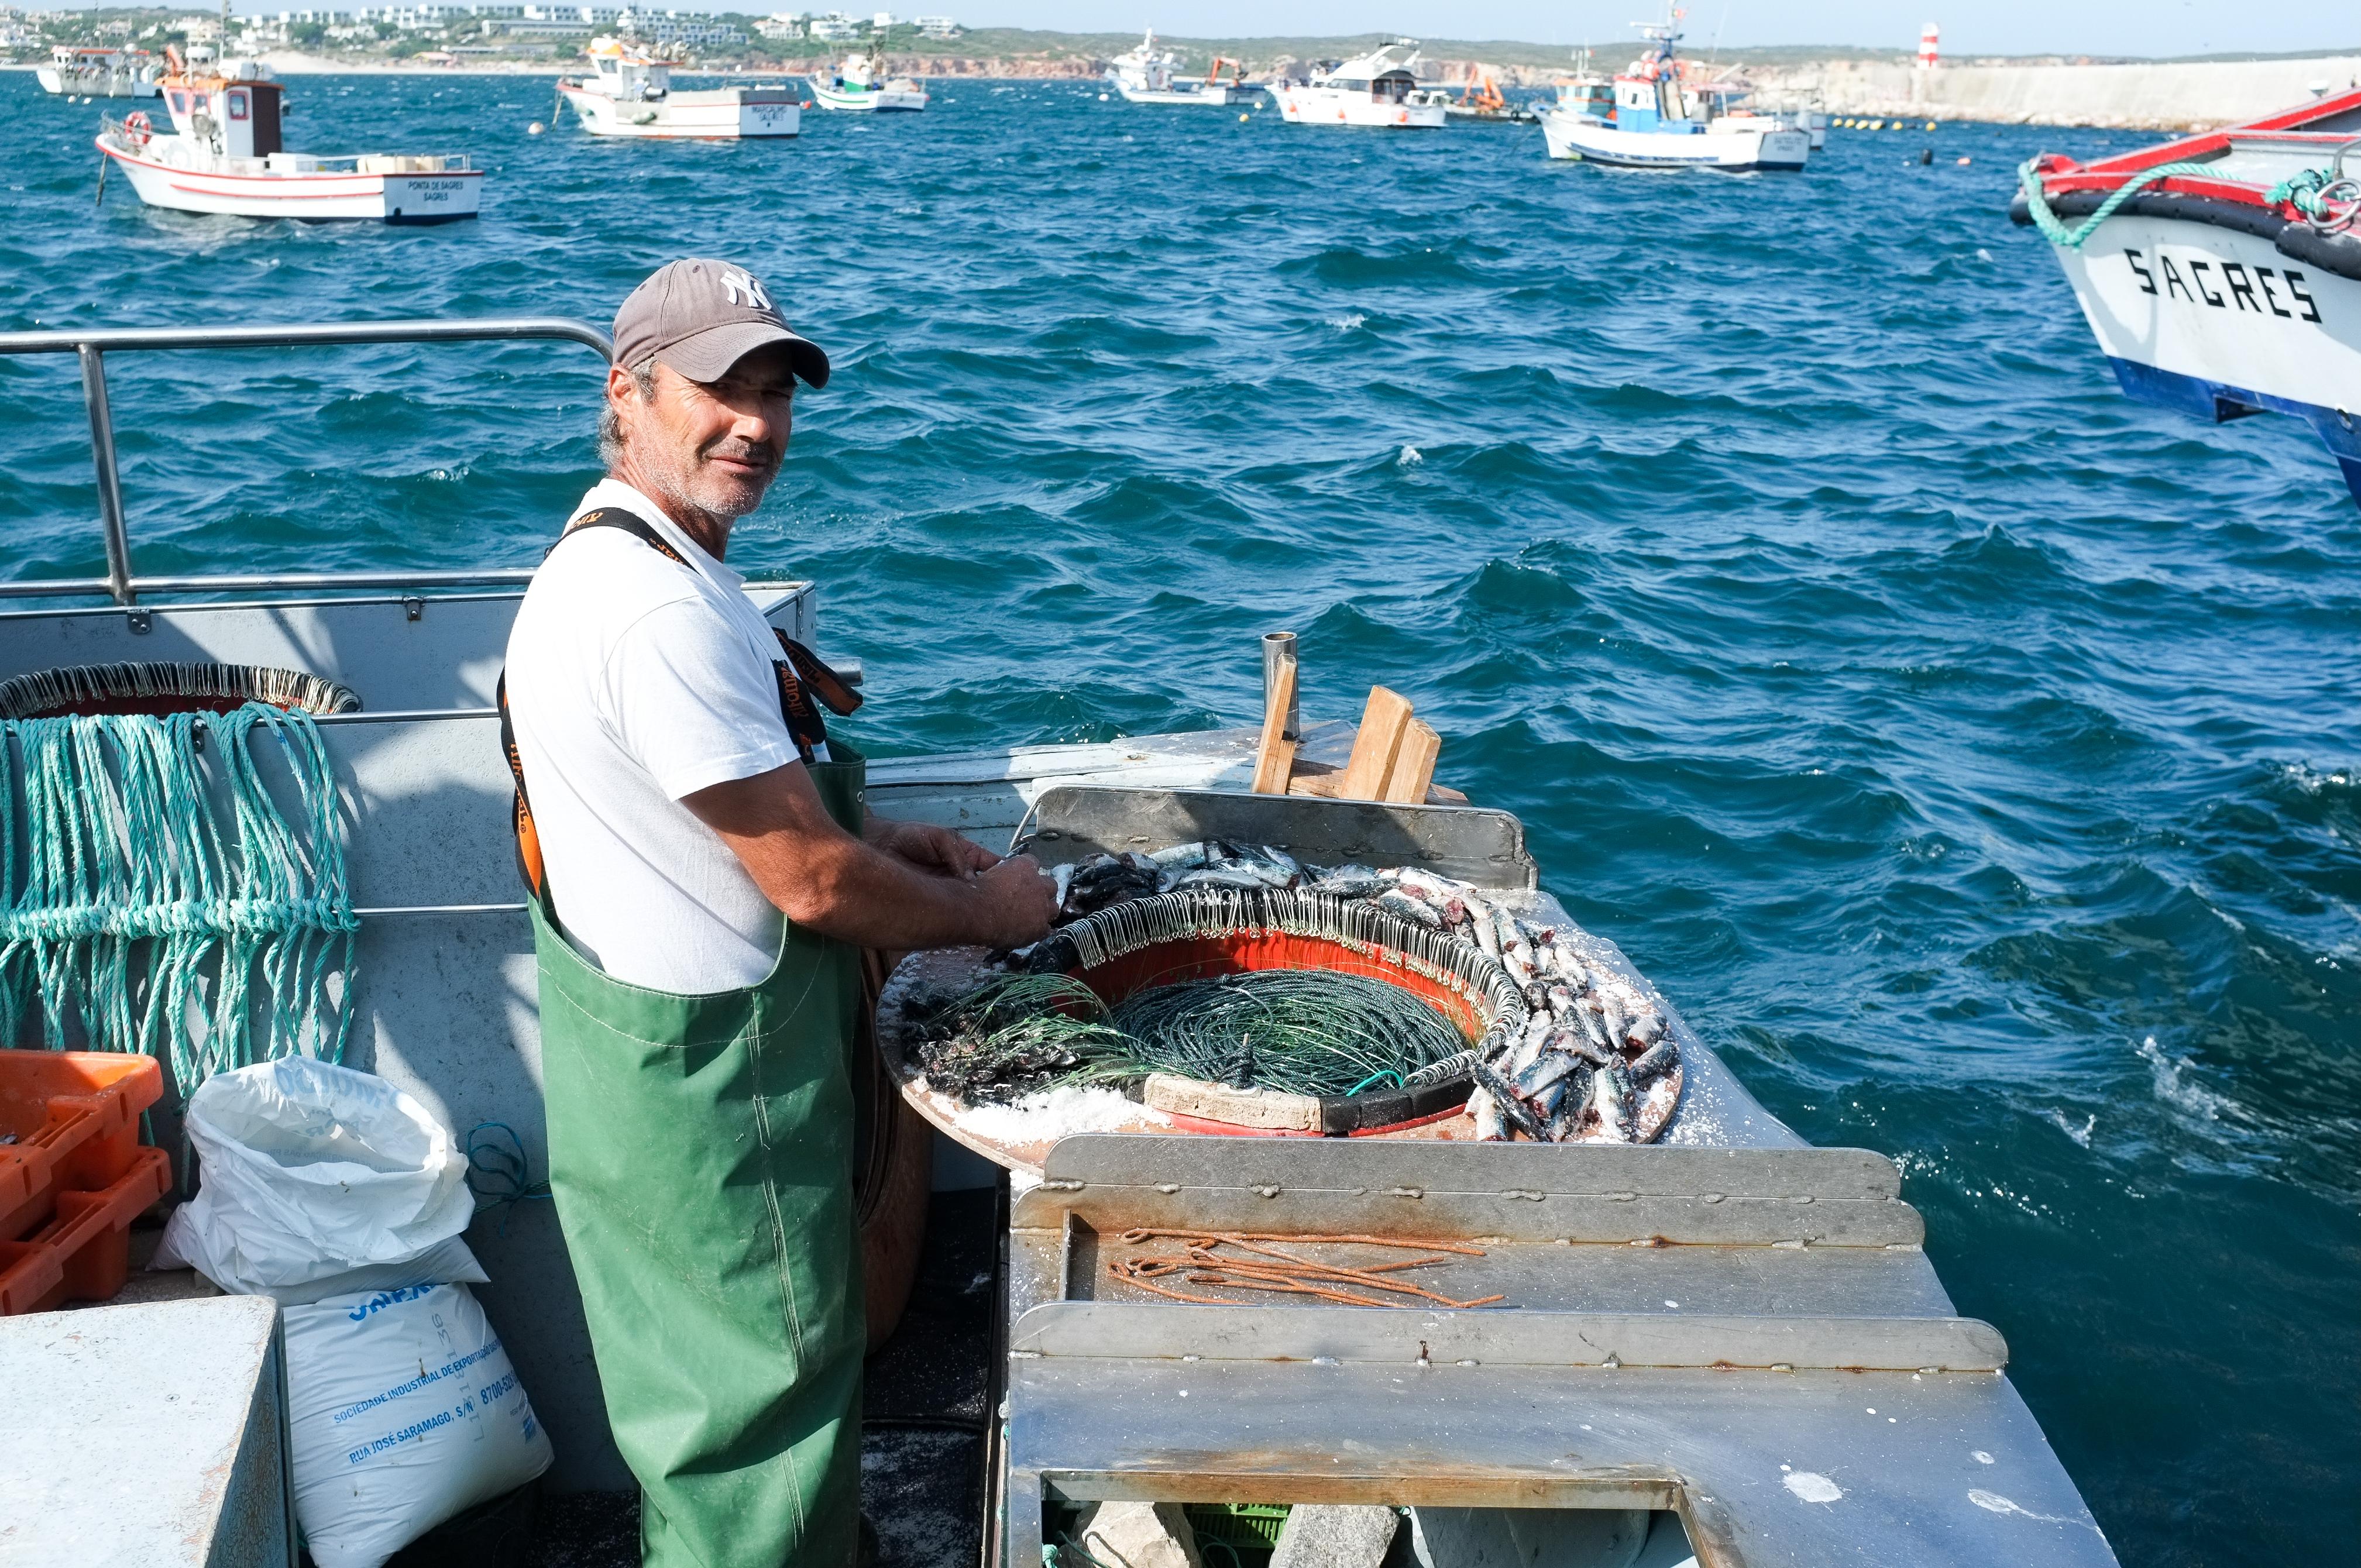 Tous les jours à 17h, sur l'Alfonsino Imperador, on prépare les 10 boîtes avec 180 hameçons rt on y accroche des sardines pour pêcher le  mérou noir ou des dorades royales.